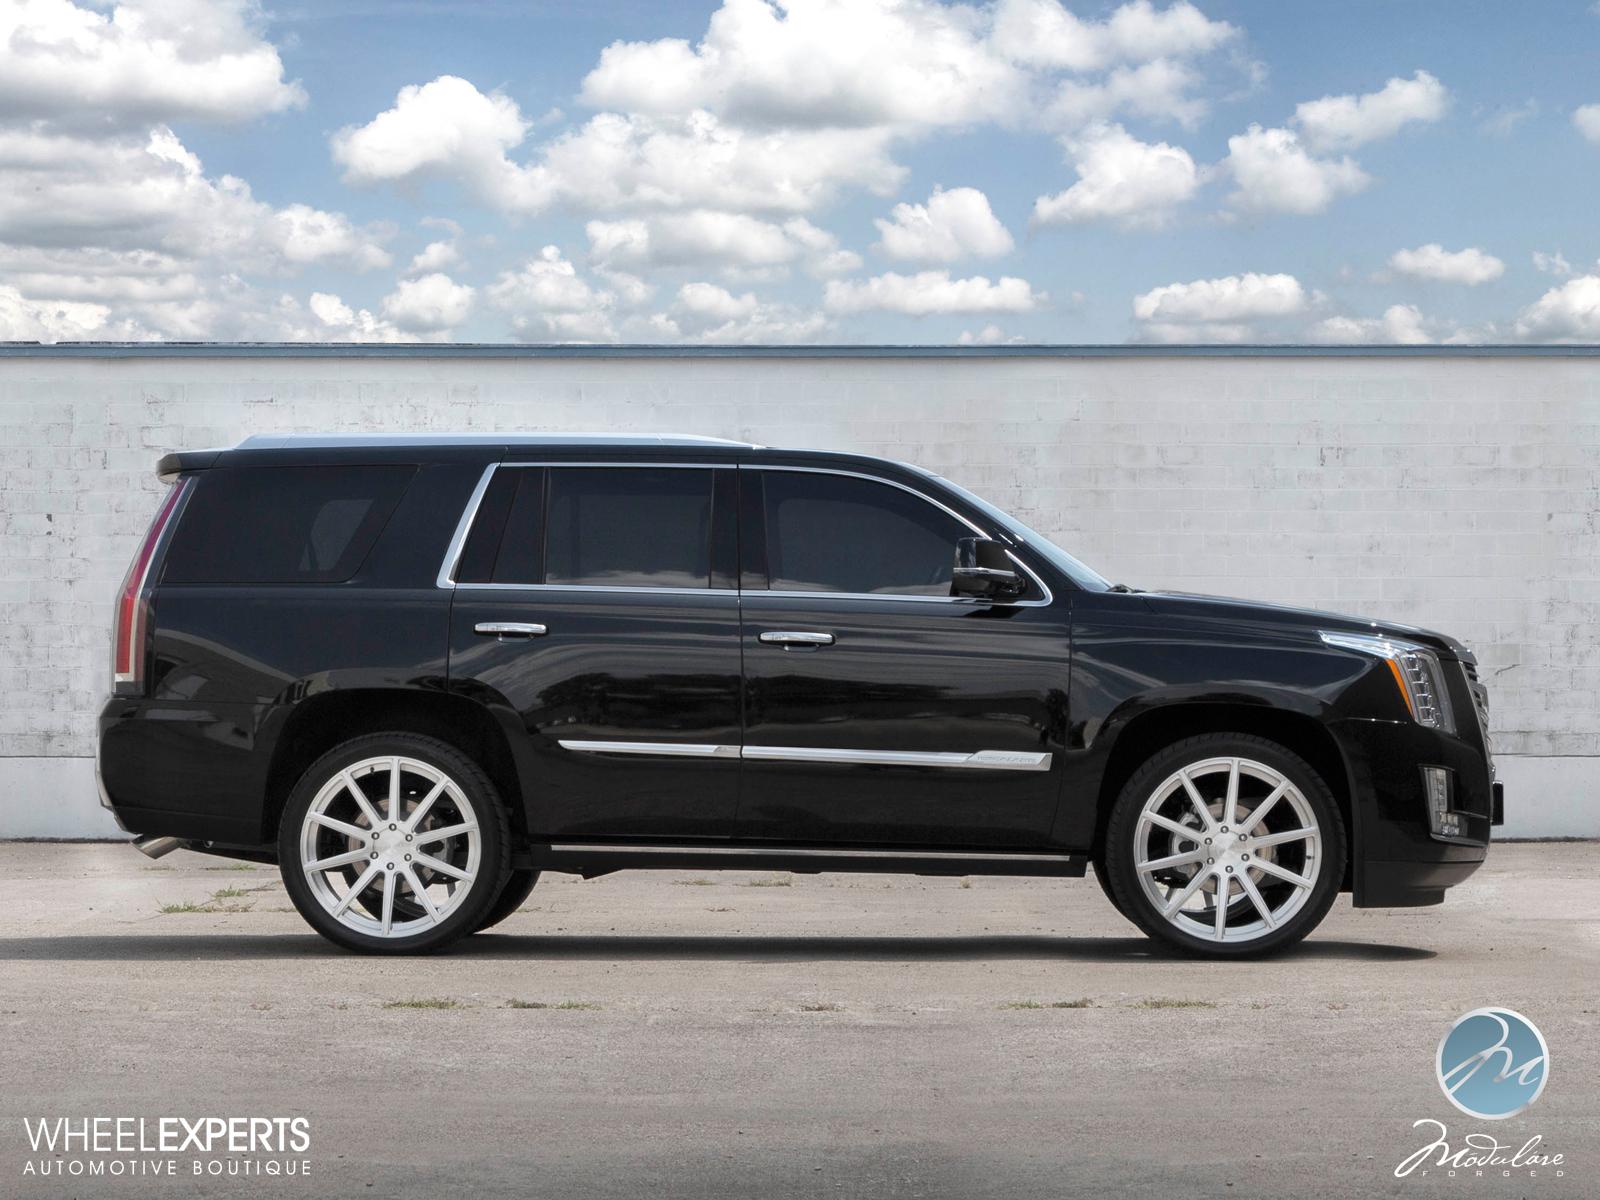 Modulare Wheels 2015 Cadillac Escalade 24 Modulare